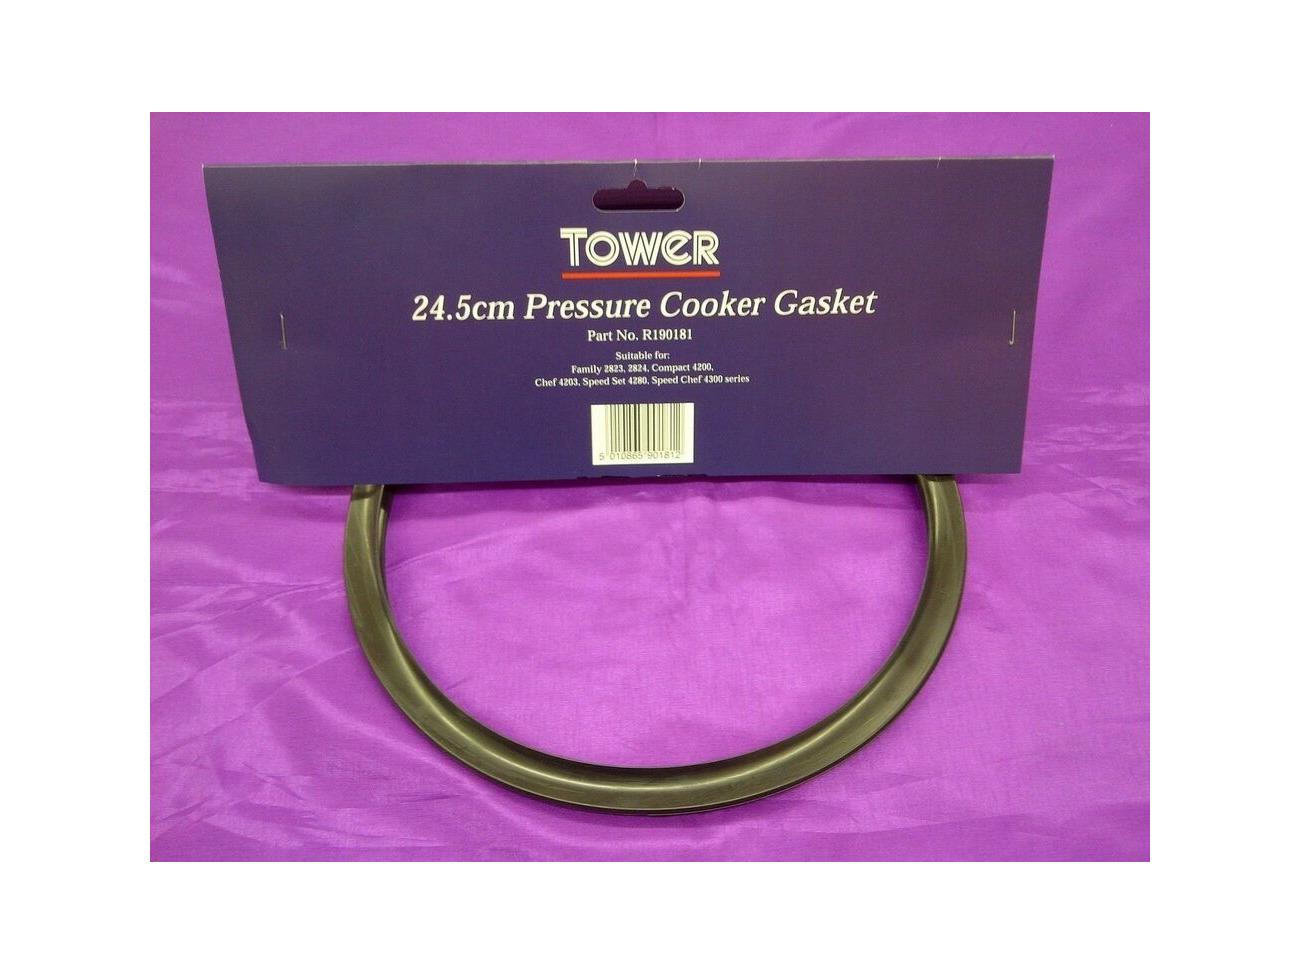 Prestige Tower Russell Hobbs Pressure Cooker Seal Gasket 24.5cm Outer Diameter